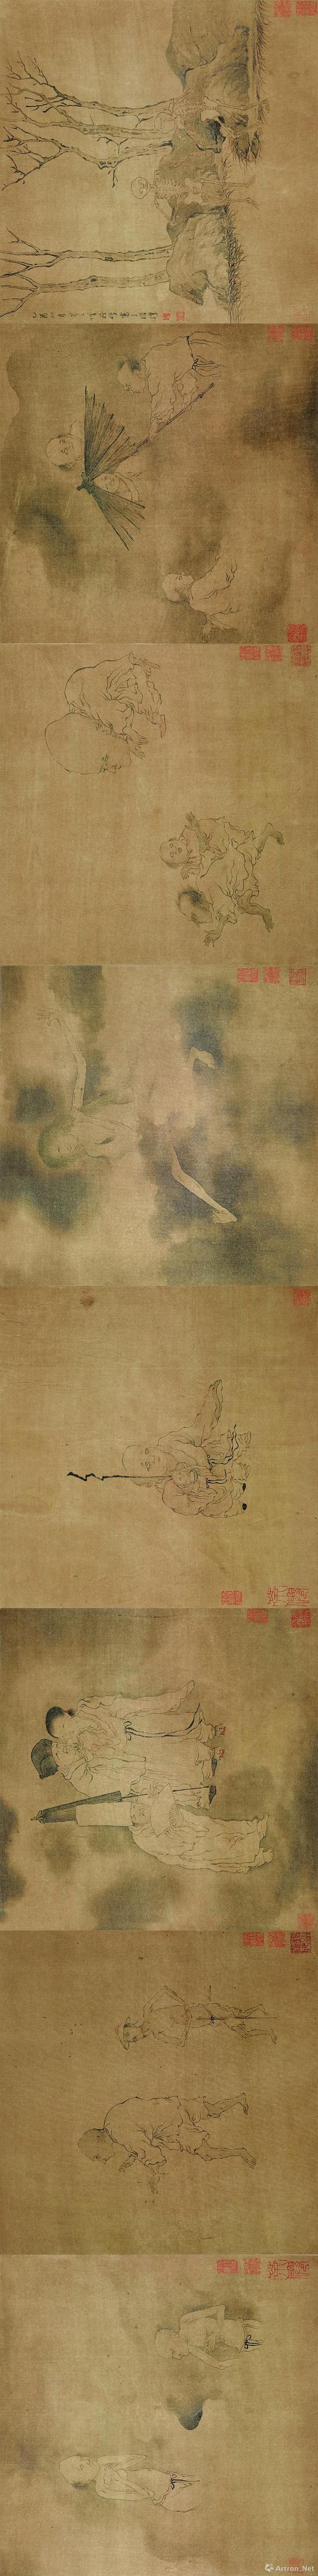 罗聘《鬼趣图》 41.5×1246cm绢本设色